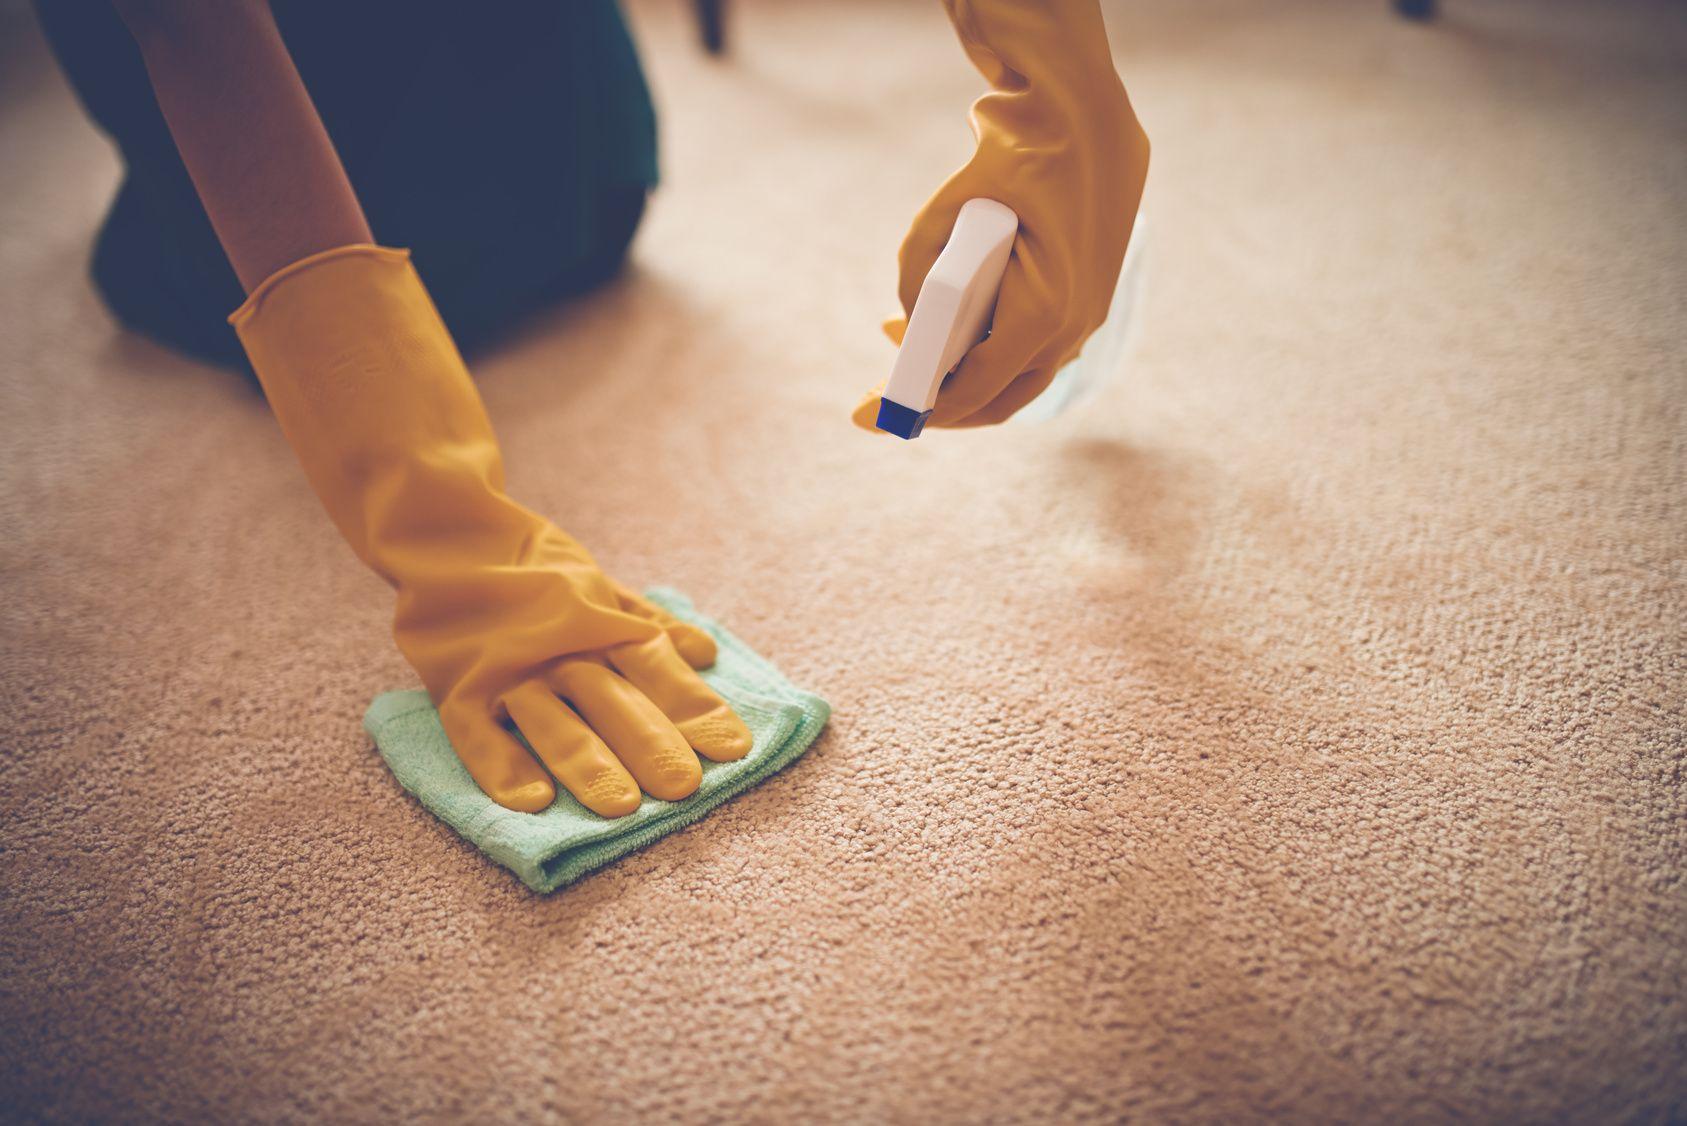 Wie Sie Einen Teppich Reinigen Erfahren Sie Hier Mit 12 Cleveren Haushaltstipps Ganz Sicher Ist Auch Teppich Reinigen Teppich Entfernen Teppichboden Reinigen